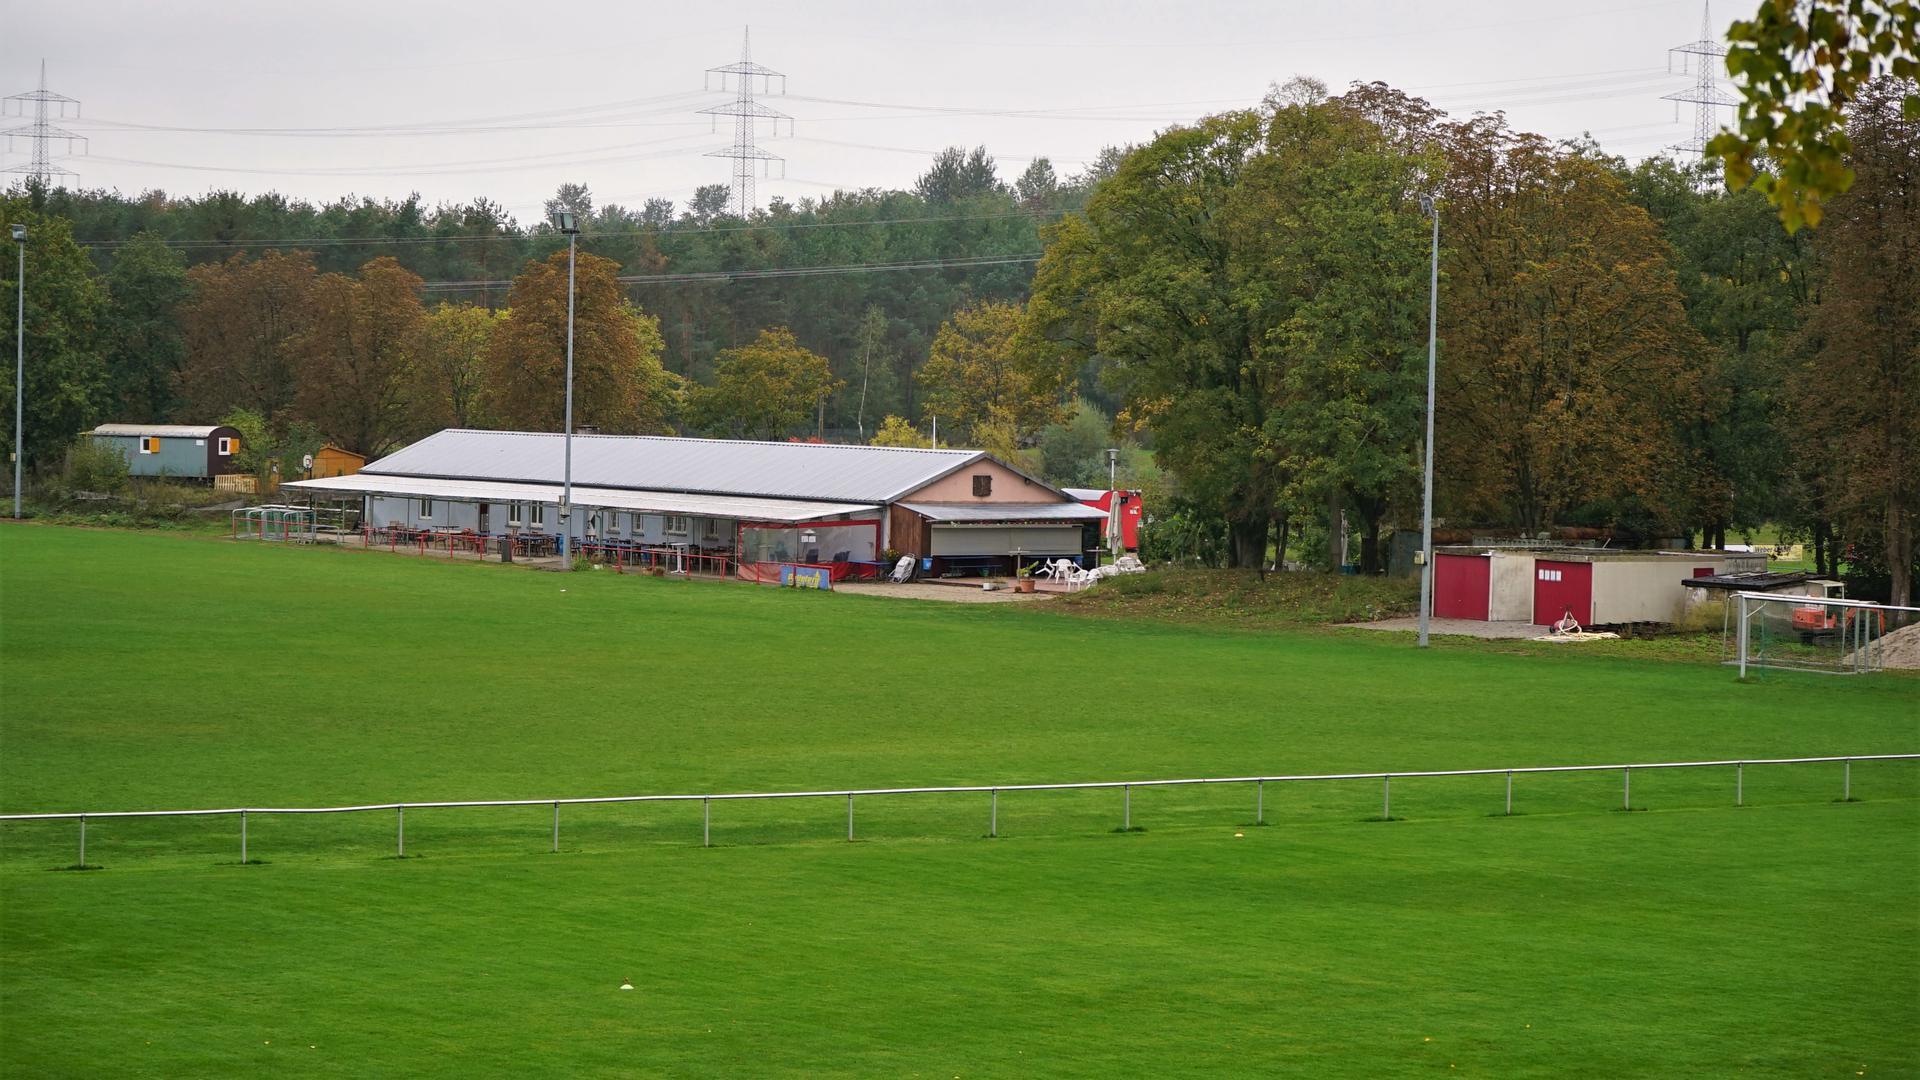 Sportplatz, Clubhaus